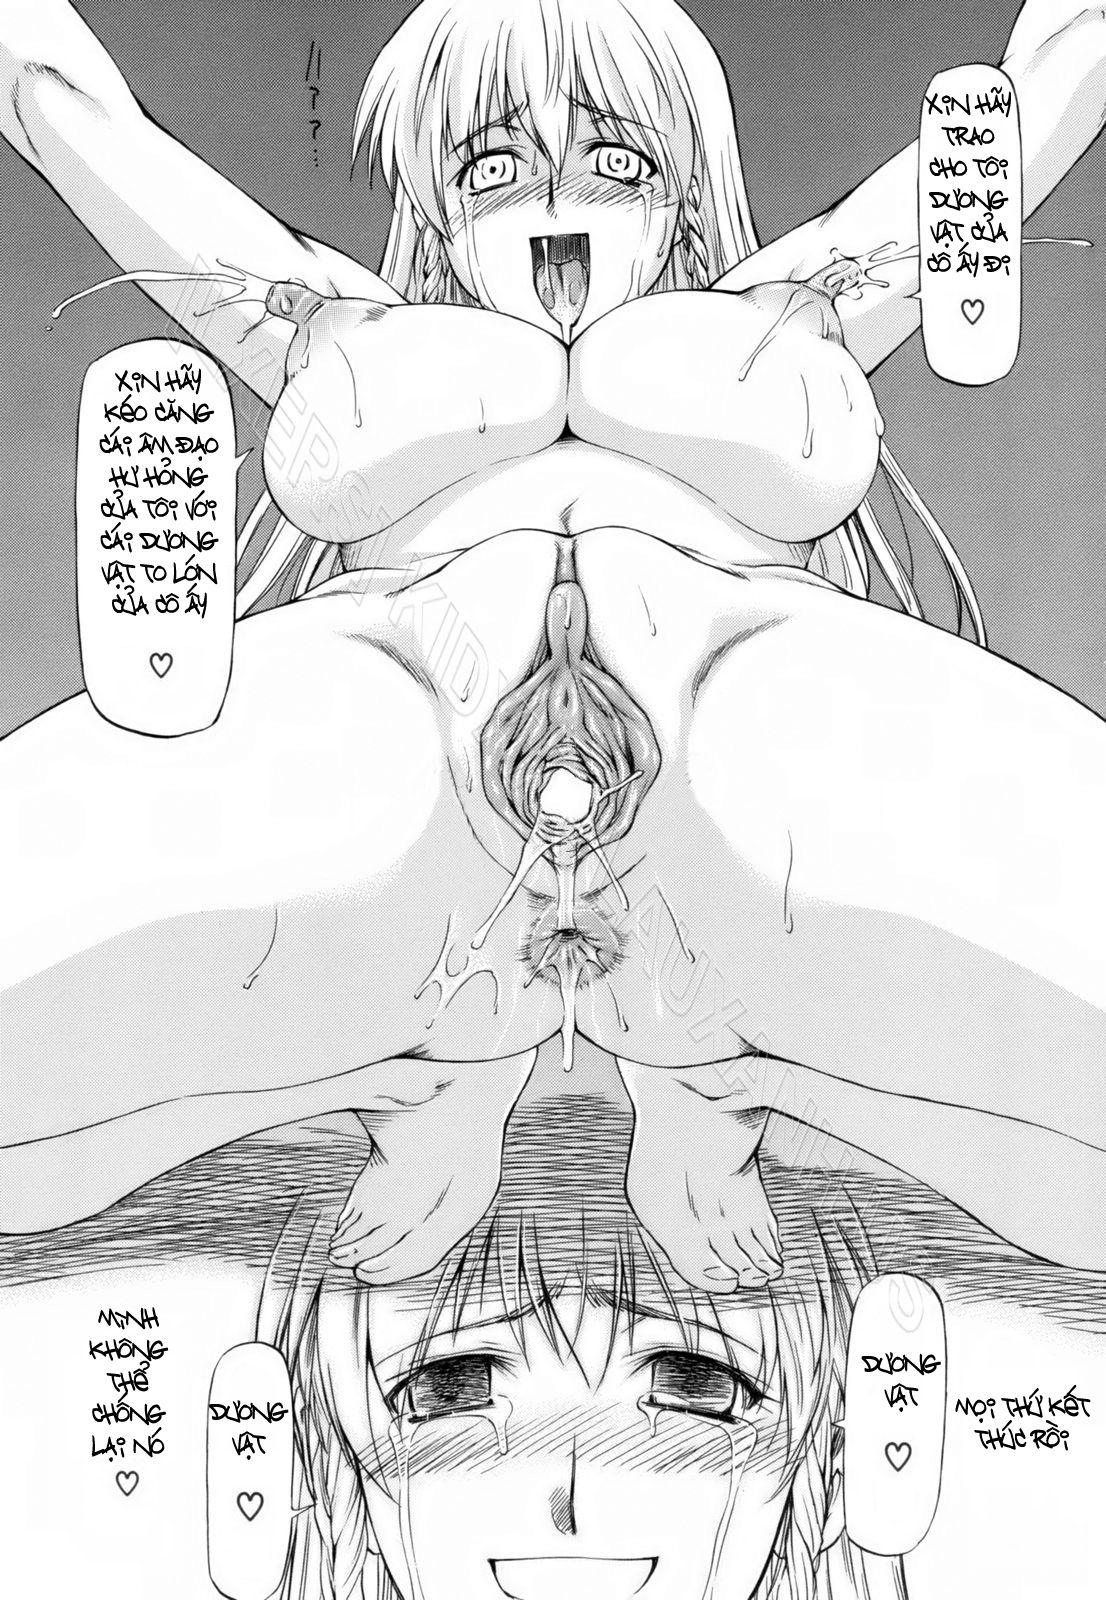 Hình ảnh Hinh_024 in Truyện tranh hentai không che: Parabellum